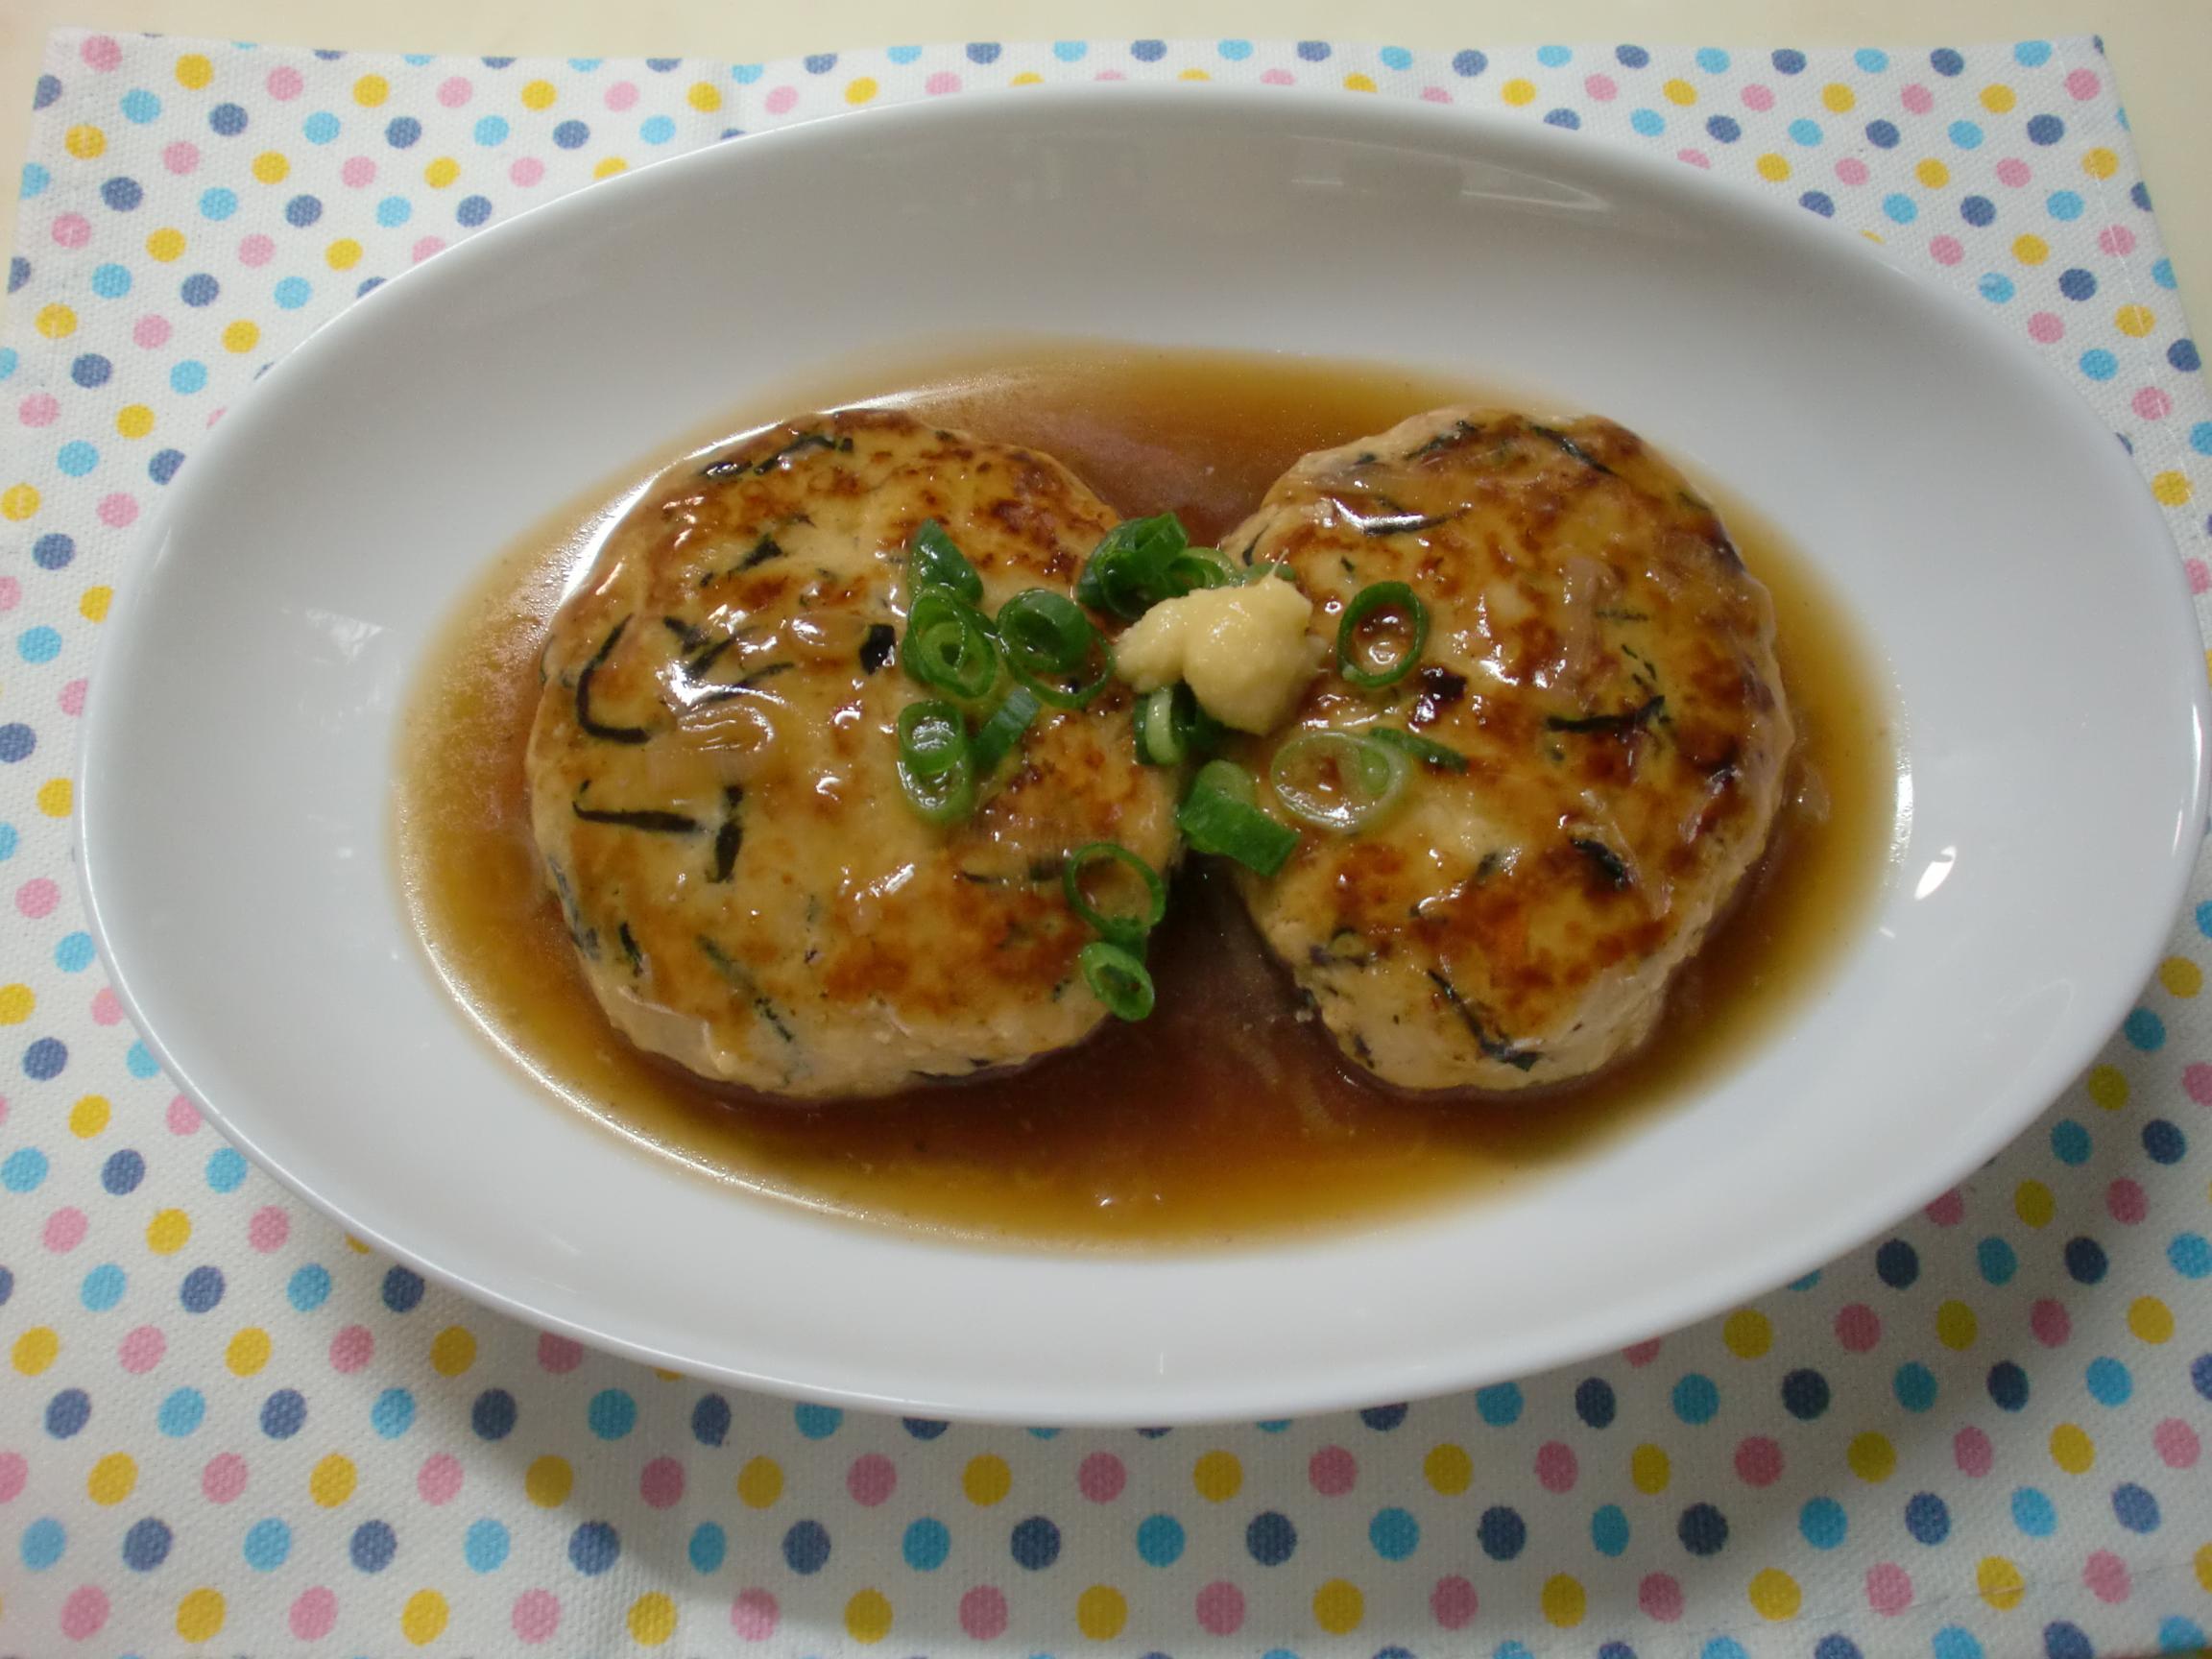 減塩のとろみあんかけ煮込み豆腐ハンバーク